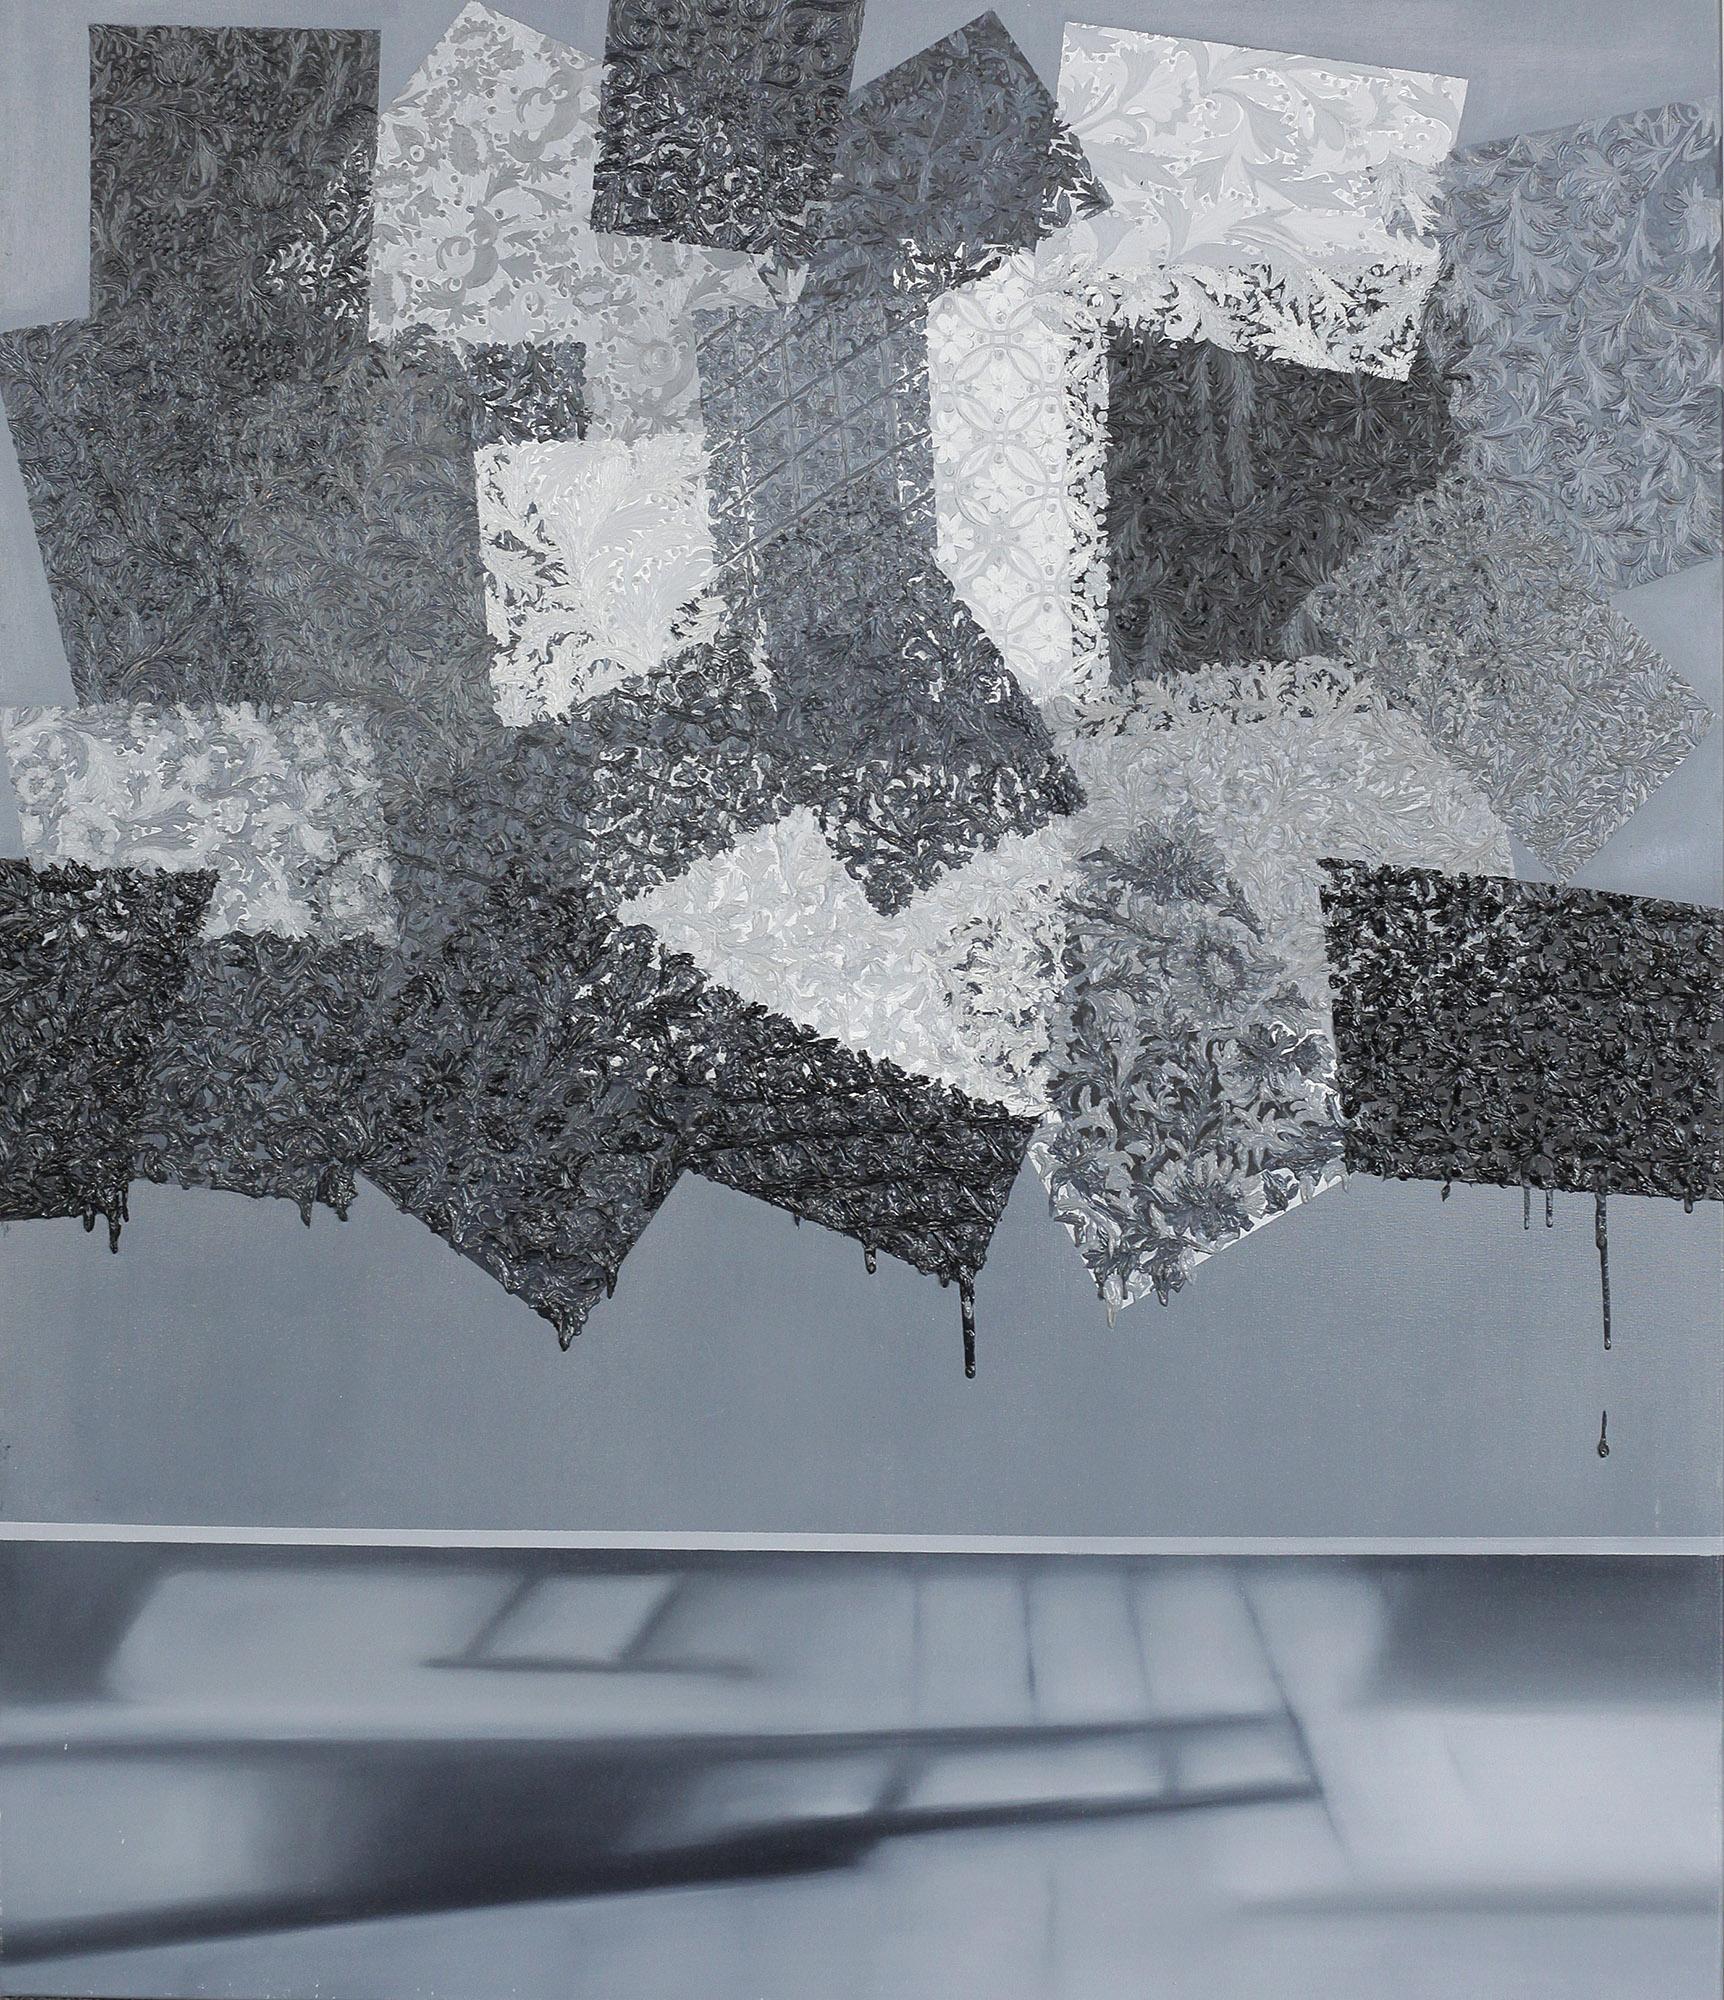 """Berenika Kowalska, """"Kolekcja VII"""", 2014, 130x110 cm, olej na płótnie (źródło: materiały prasowe)"""